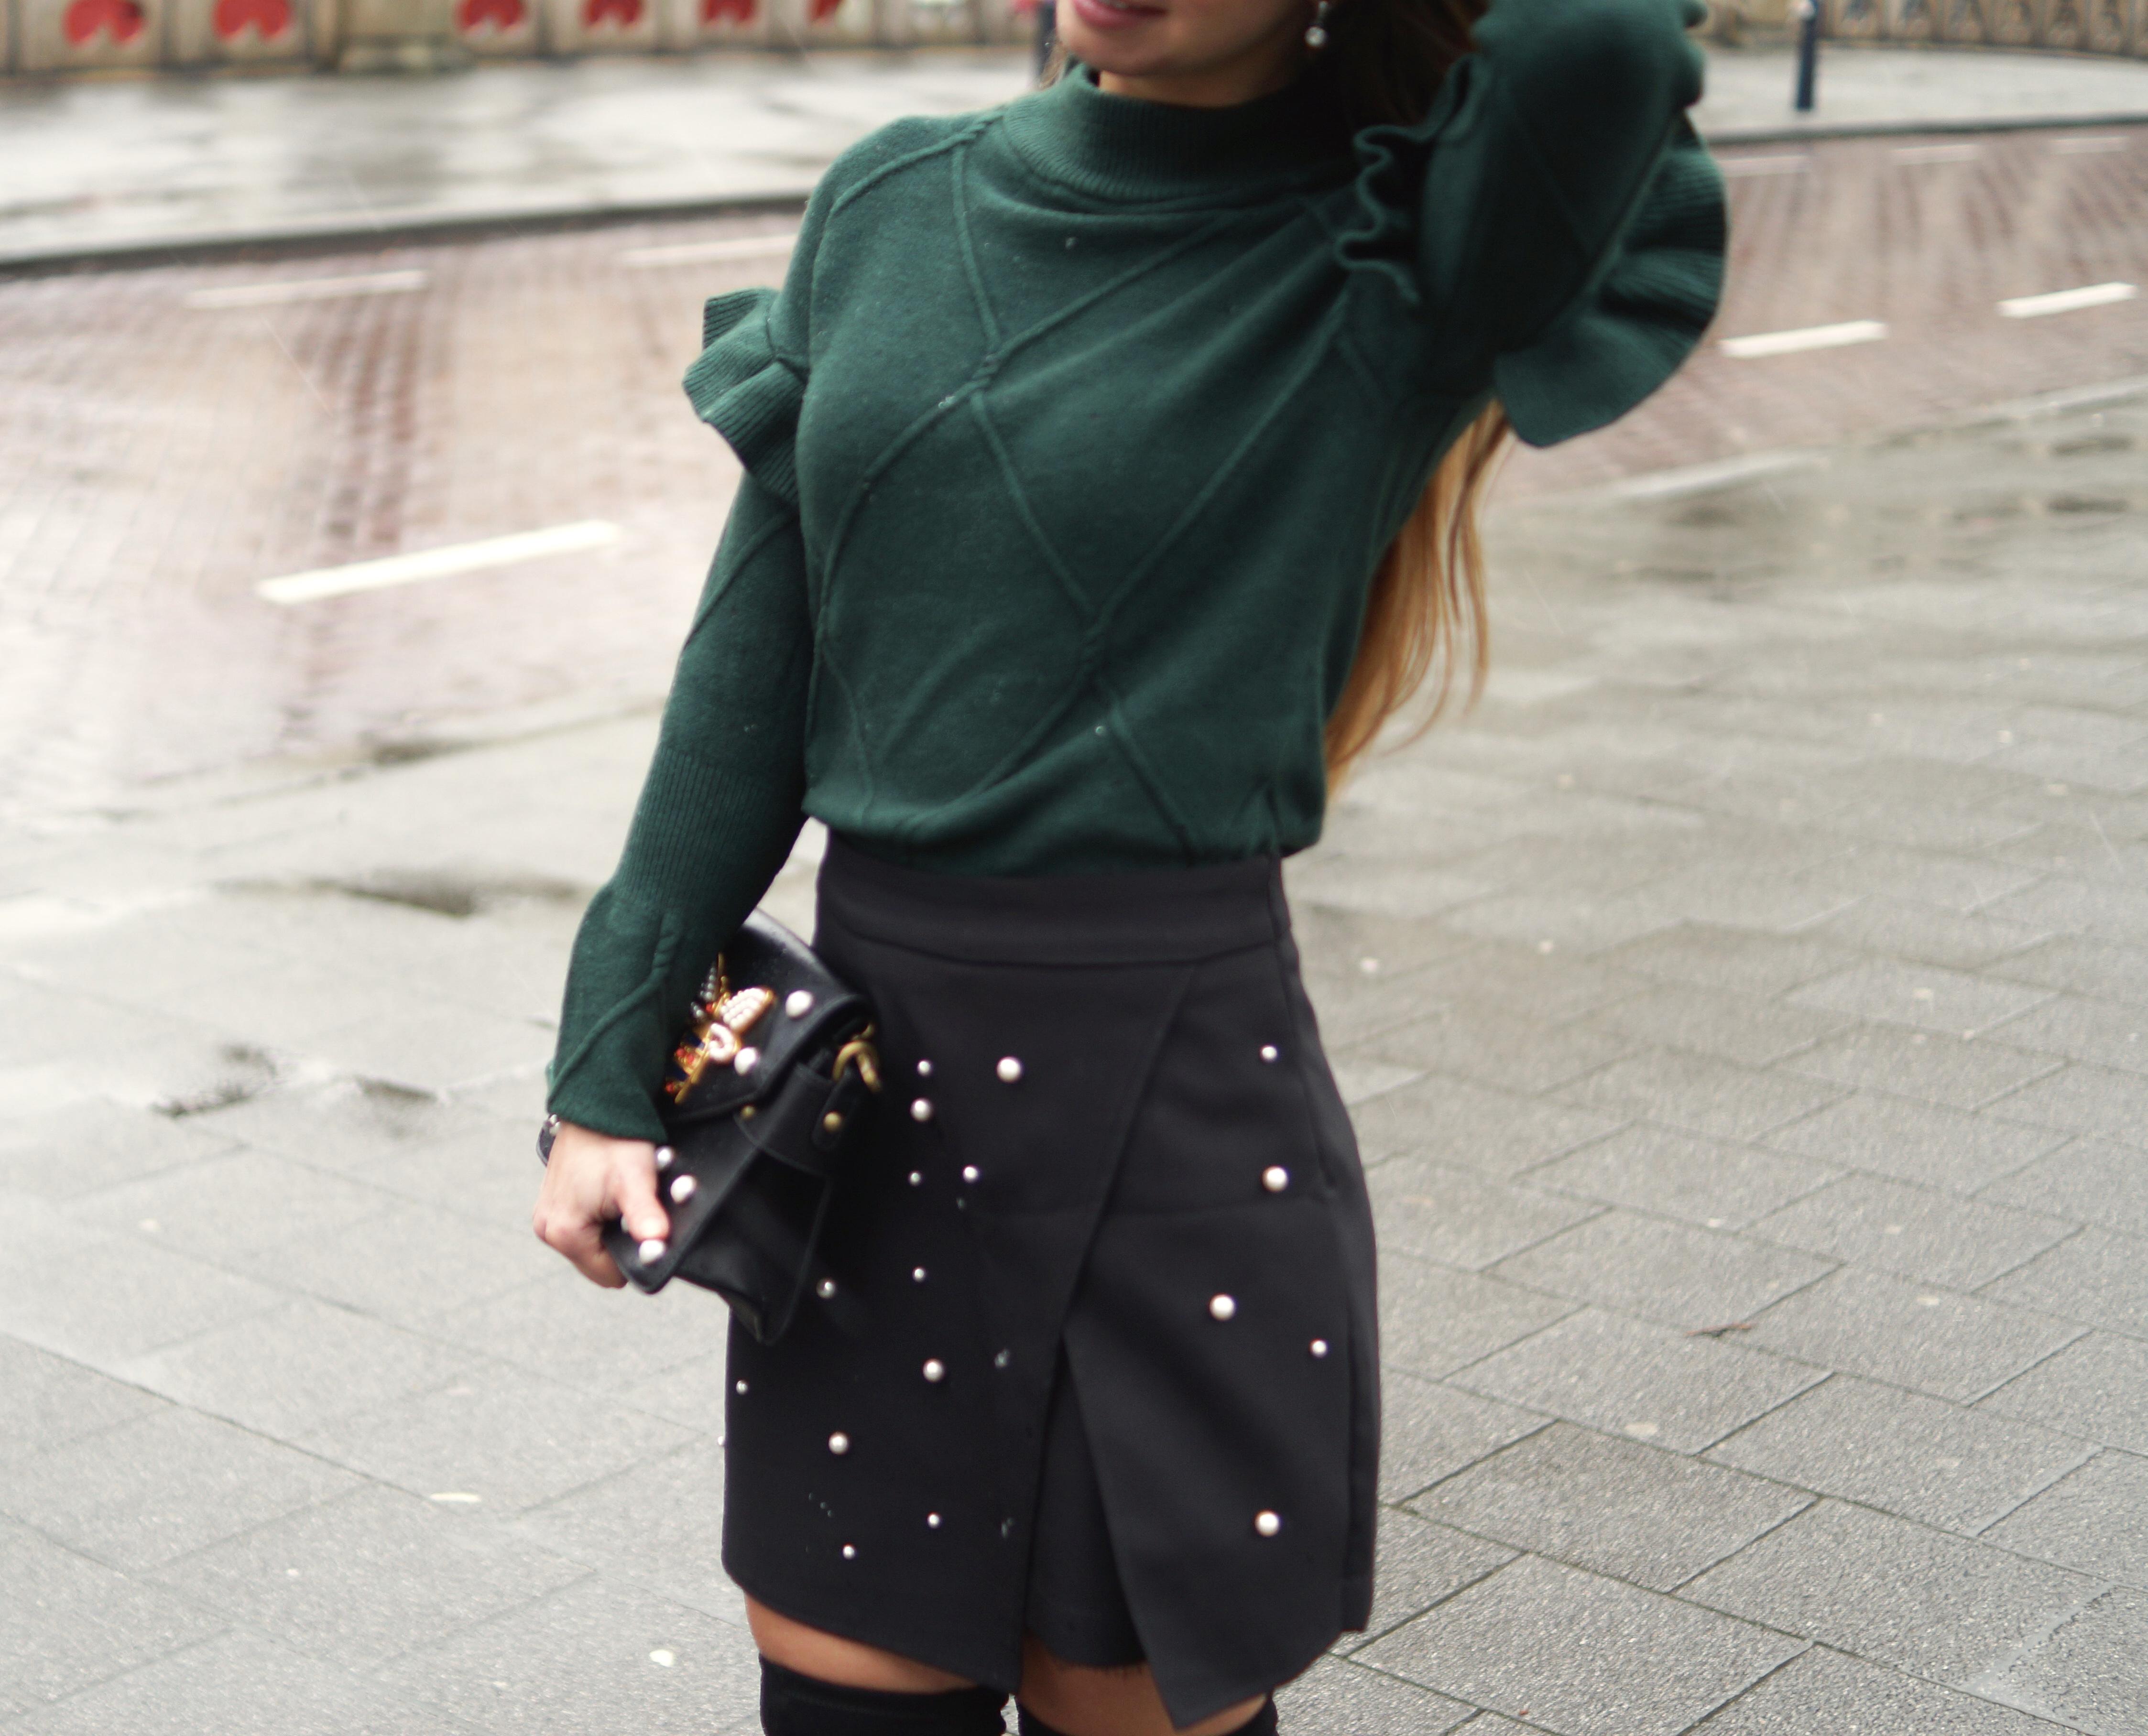 Beste ♥ Hoe combineren we een rokje in de winter? ♥ – StyleByGina OW-59